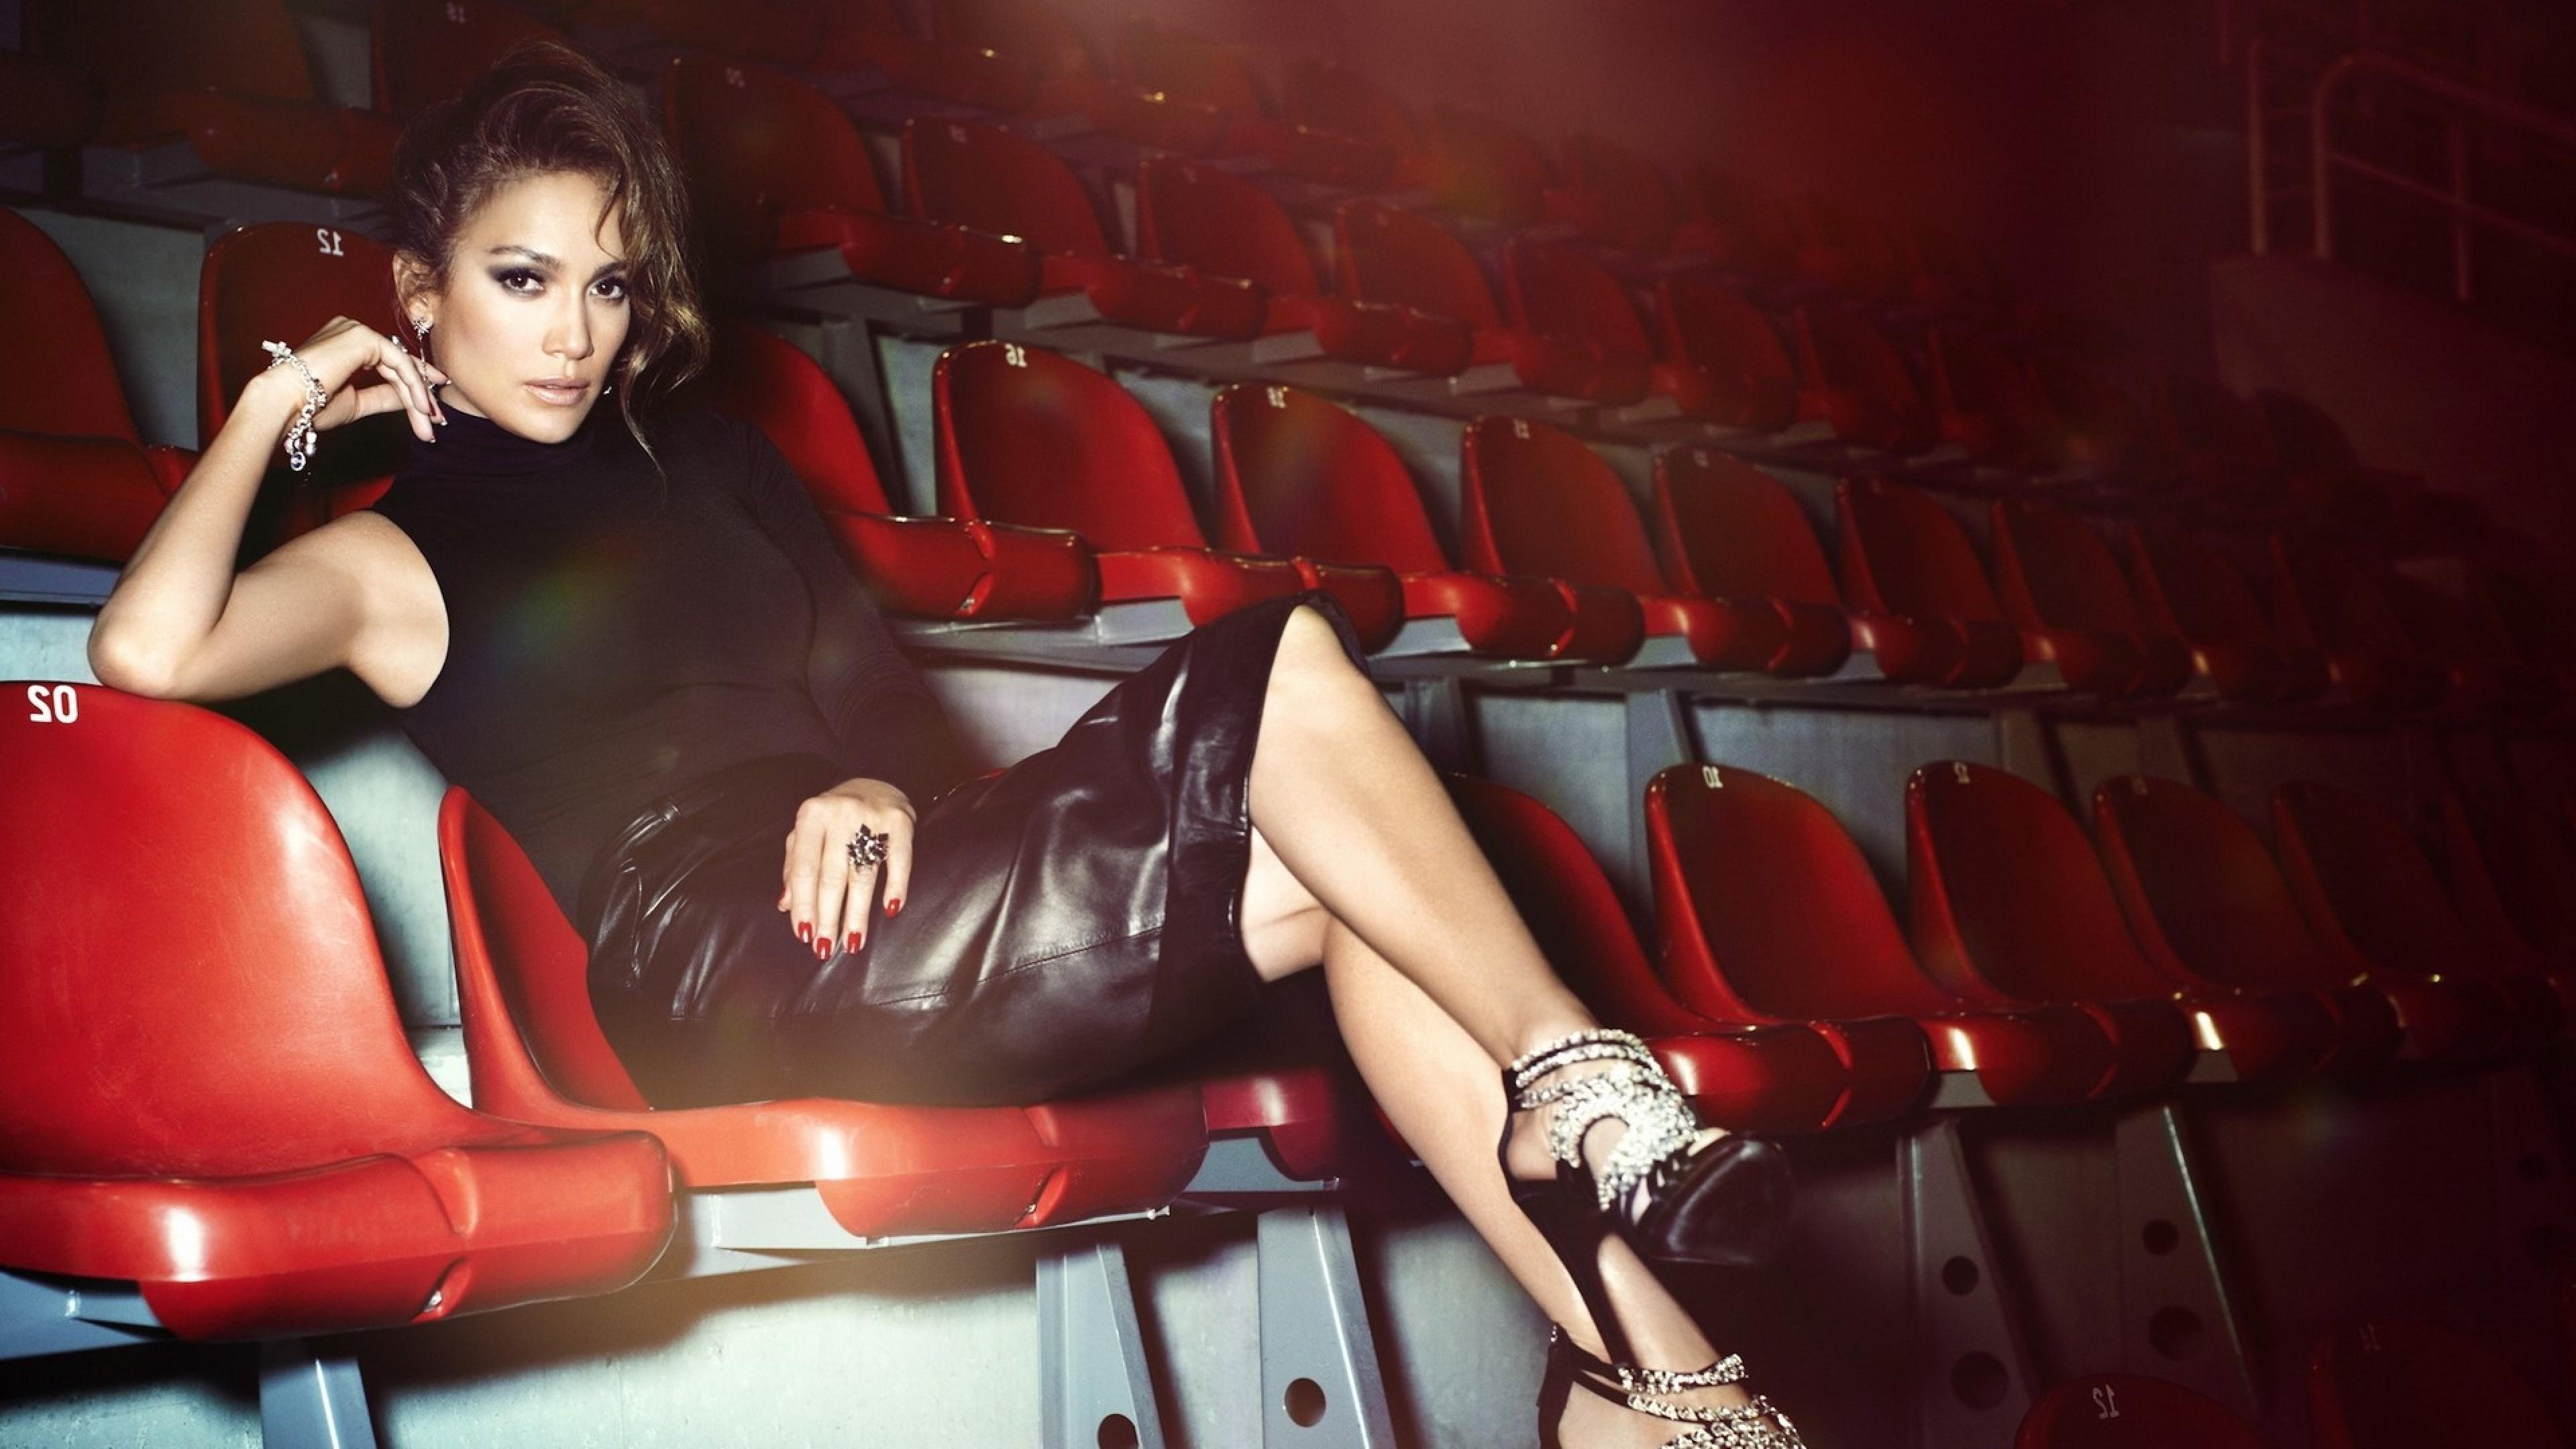 jennifer lopez 1536855787 - Jennifer Lopez - jennifier lopez wallpapers, girls wallpapers, celebrities wallpapers